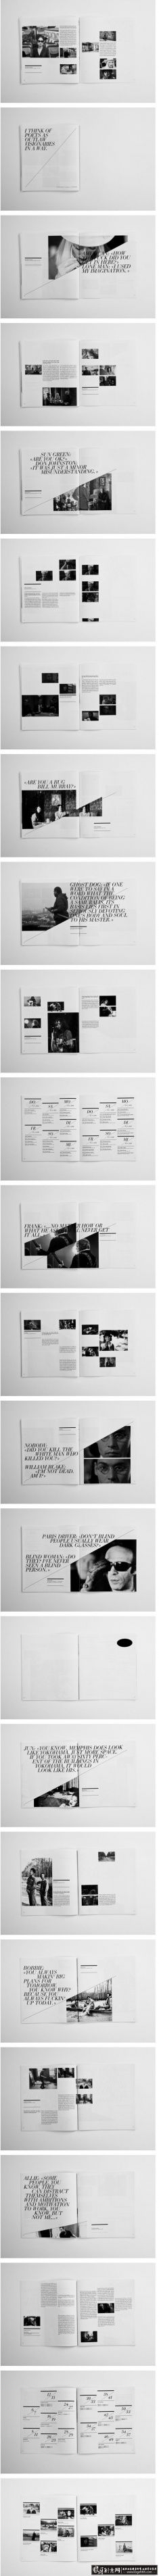 个性黑白画册设计 高档企业画册 时尚商业...